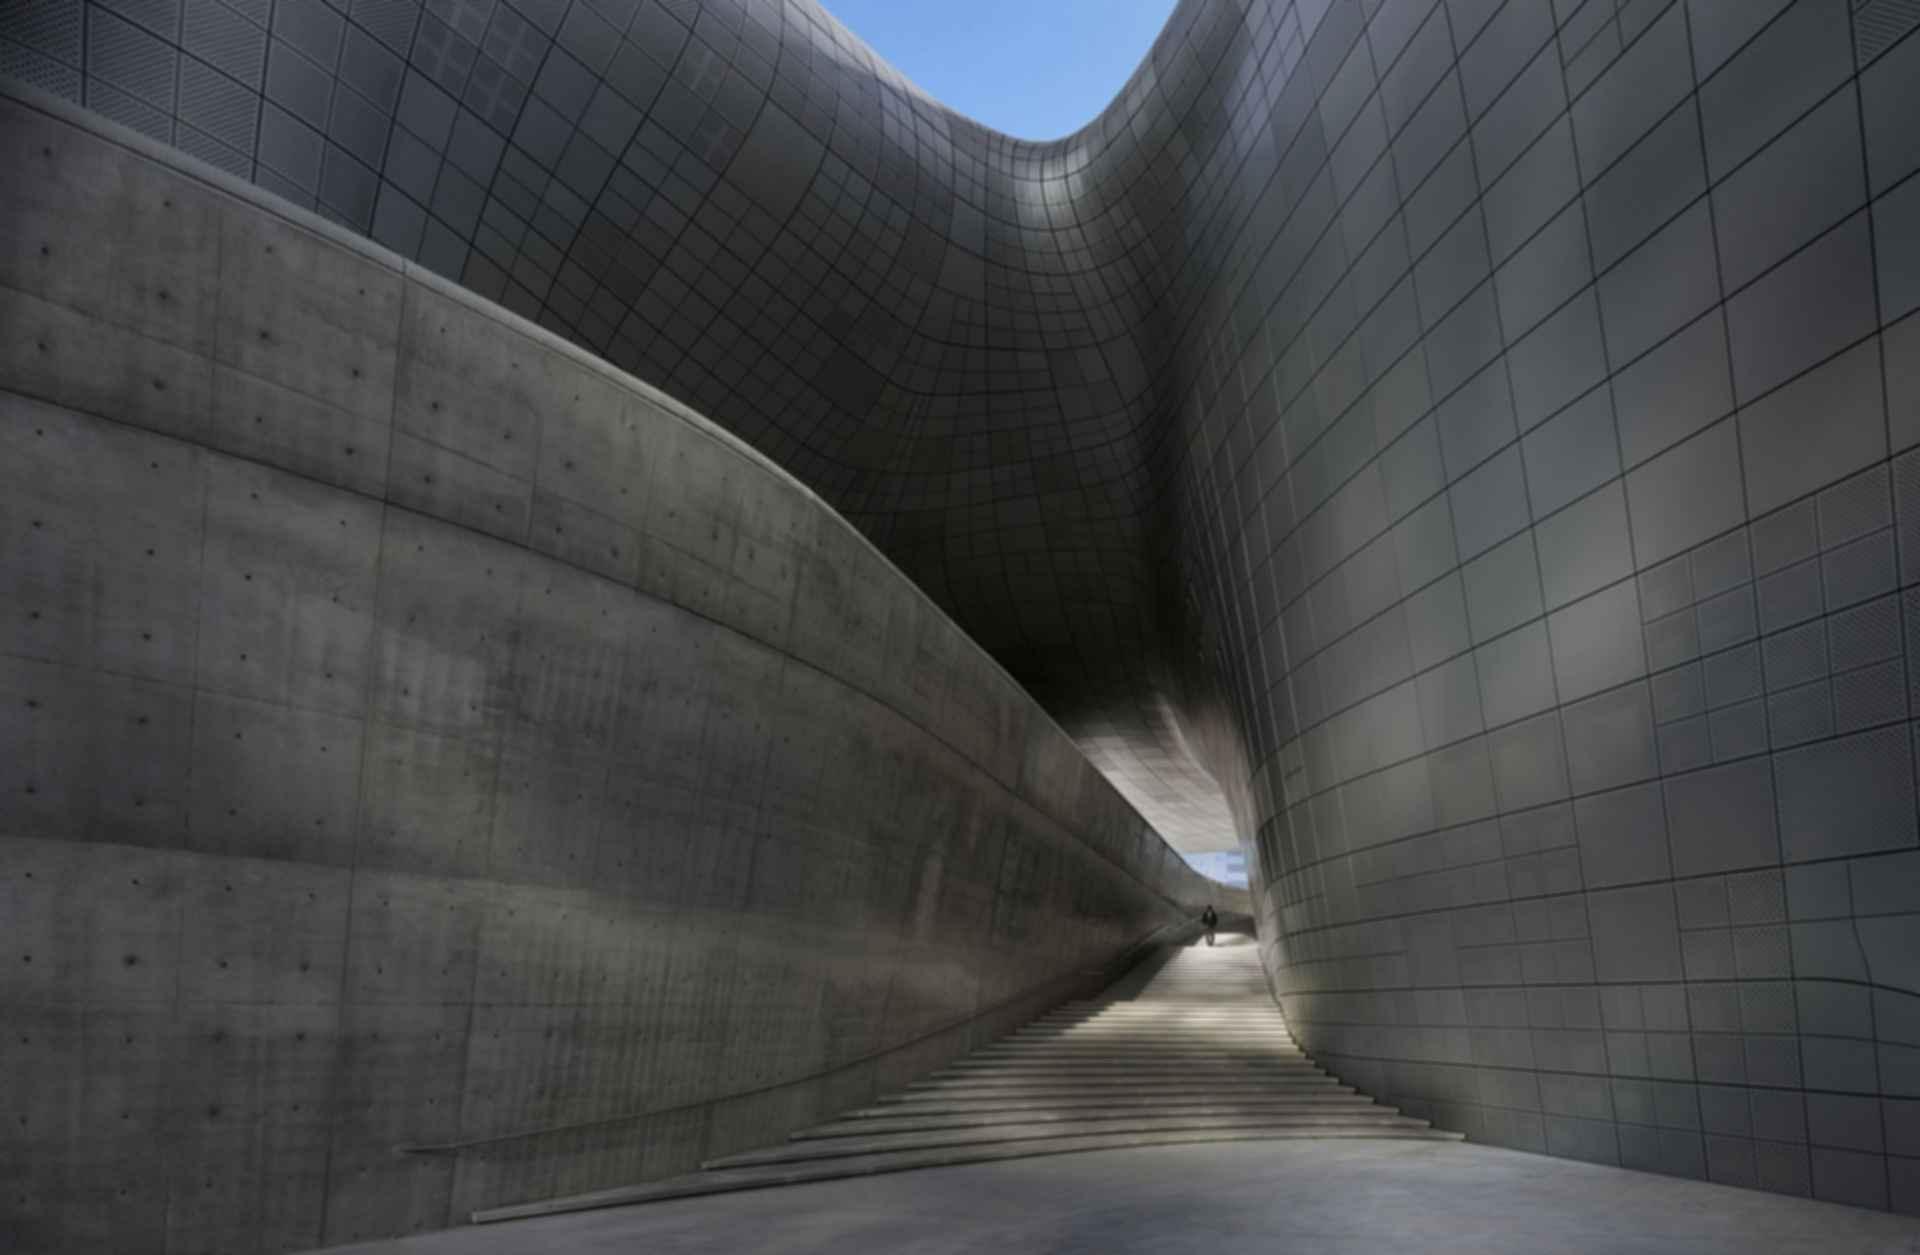 Dongdaemun Design Plaza - Interior/Stairs